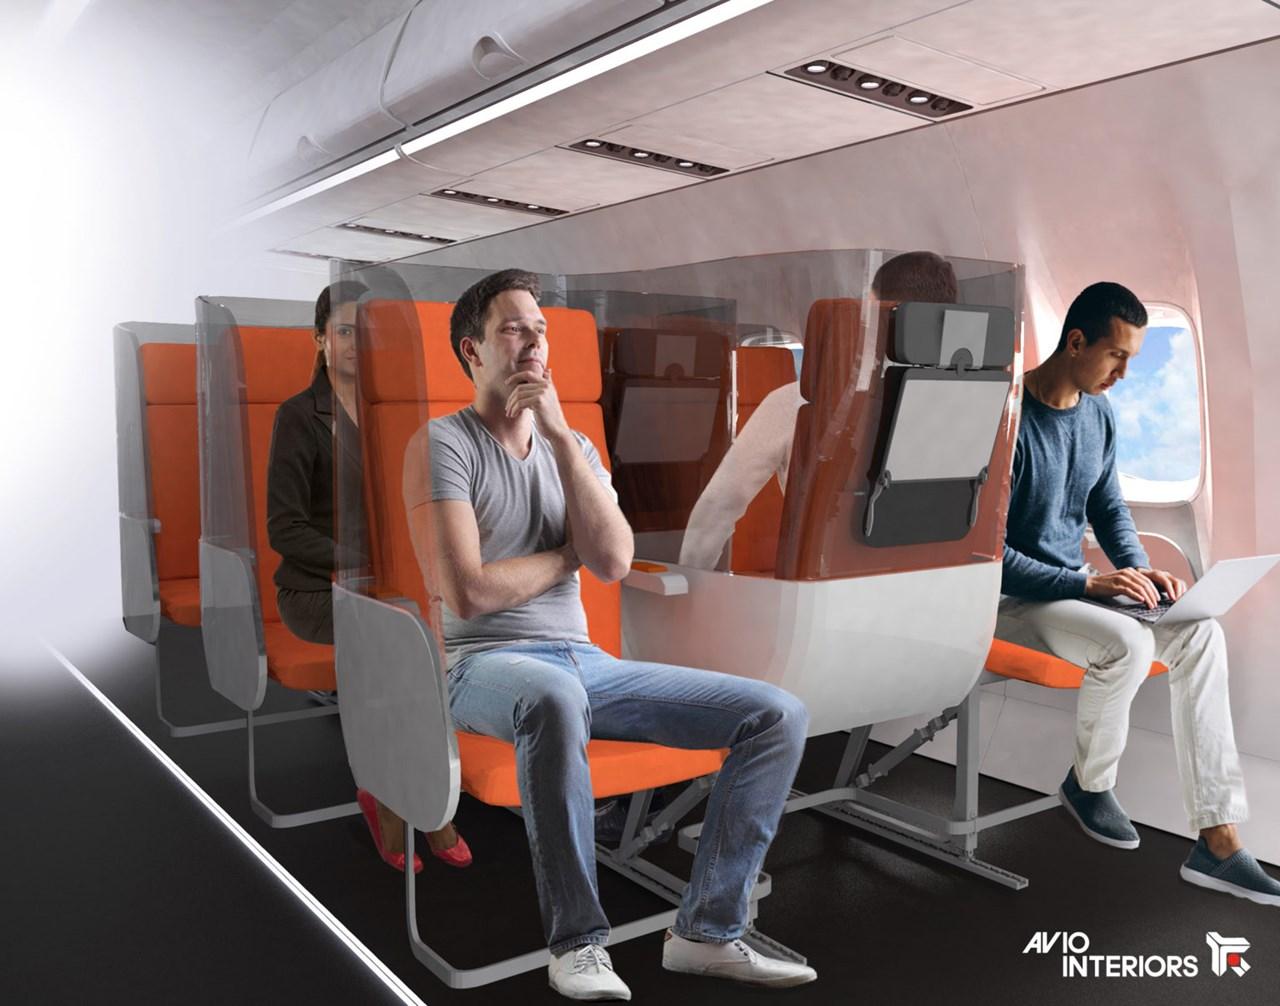 Kiểu thiết kế khác lạ khiến ghế ngồi trong khoang hành khách vô cùng lạ lẫm